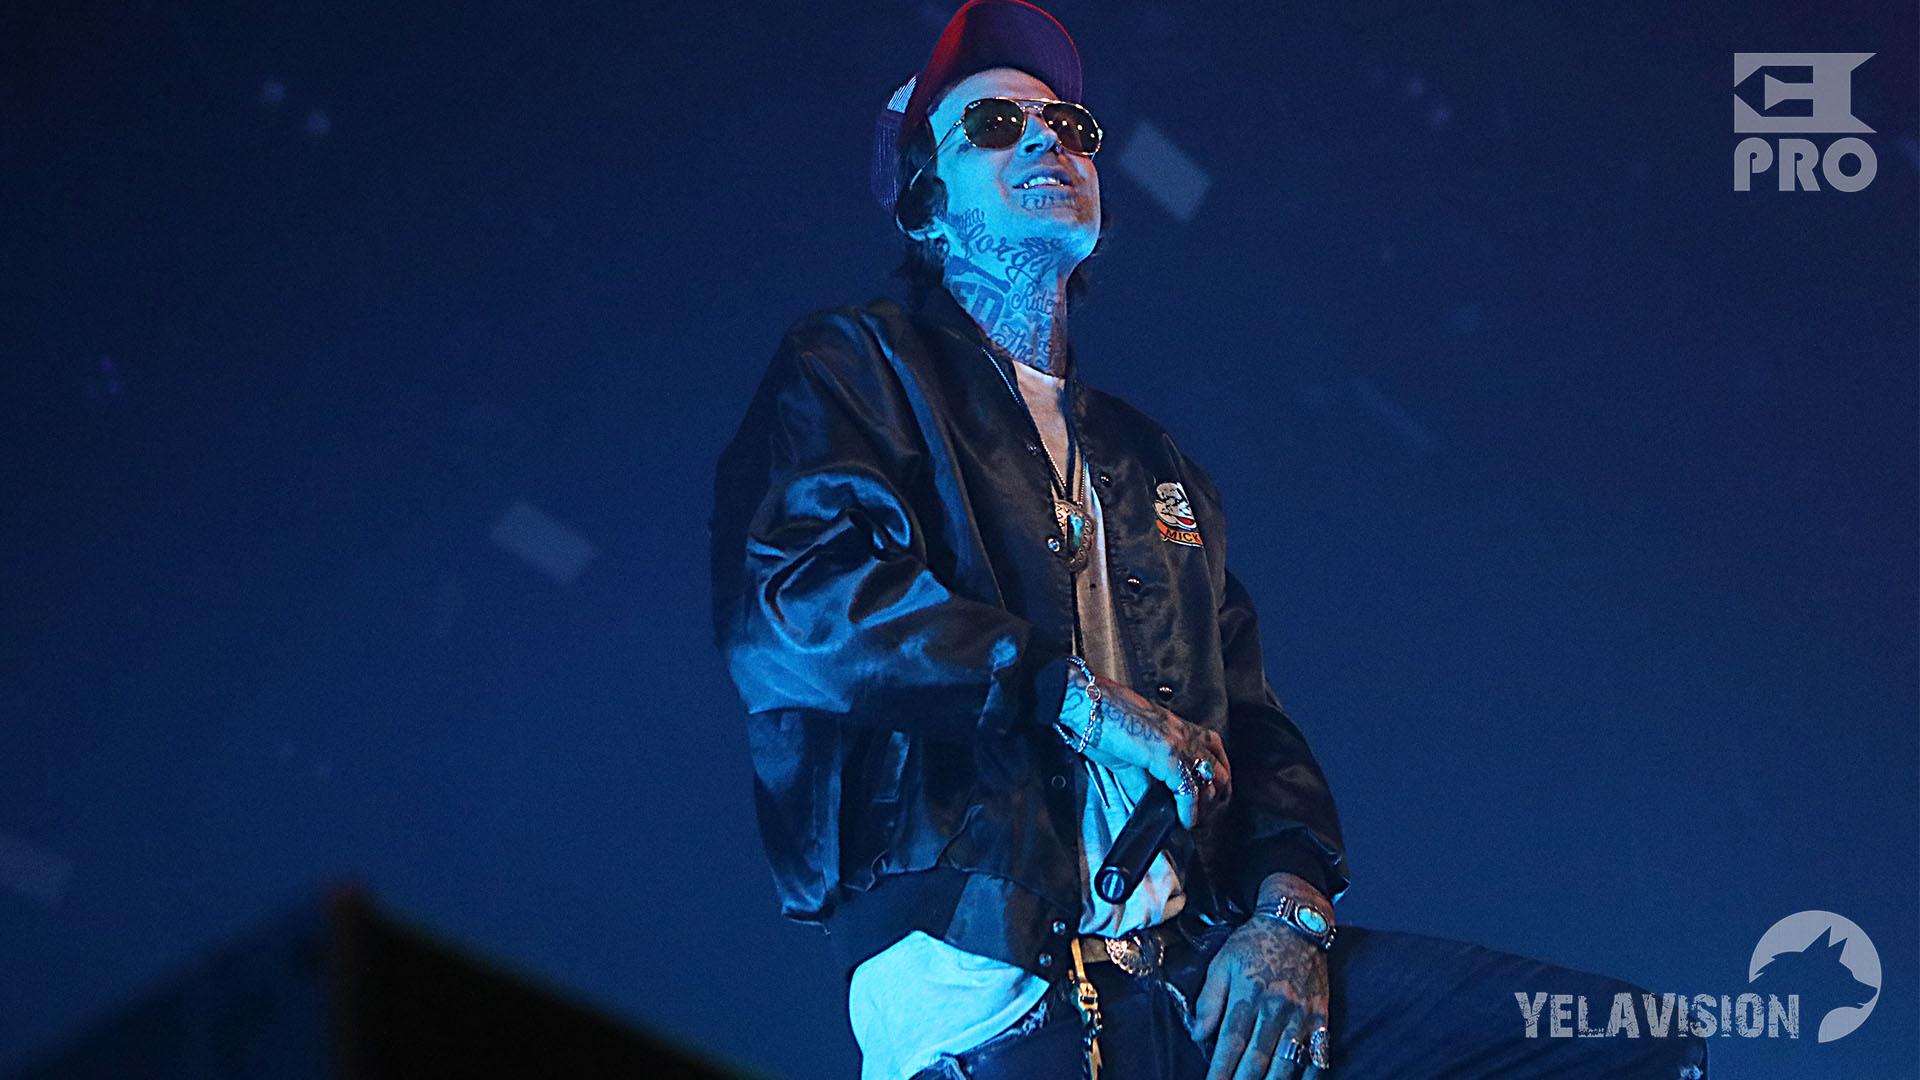 Yelawolf выступил в России: настоящий симбиоз артиста и фанатов